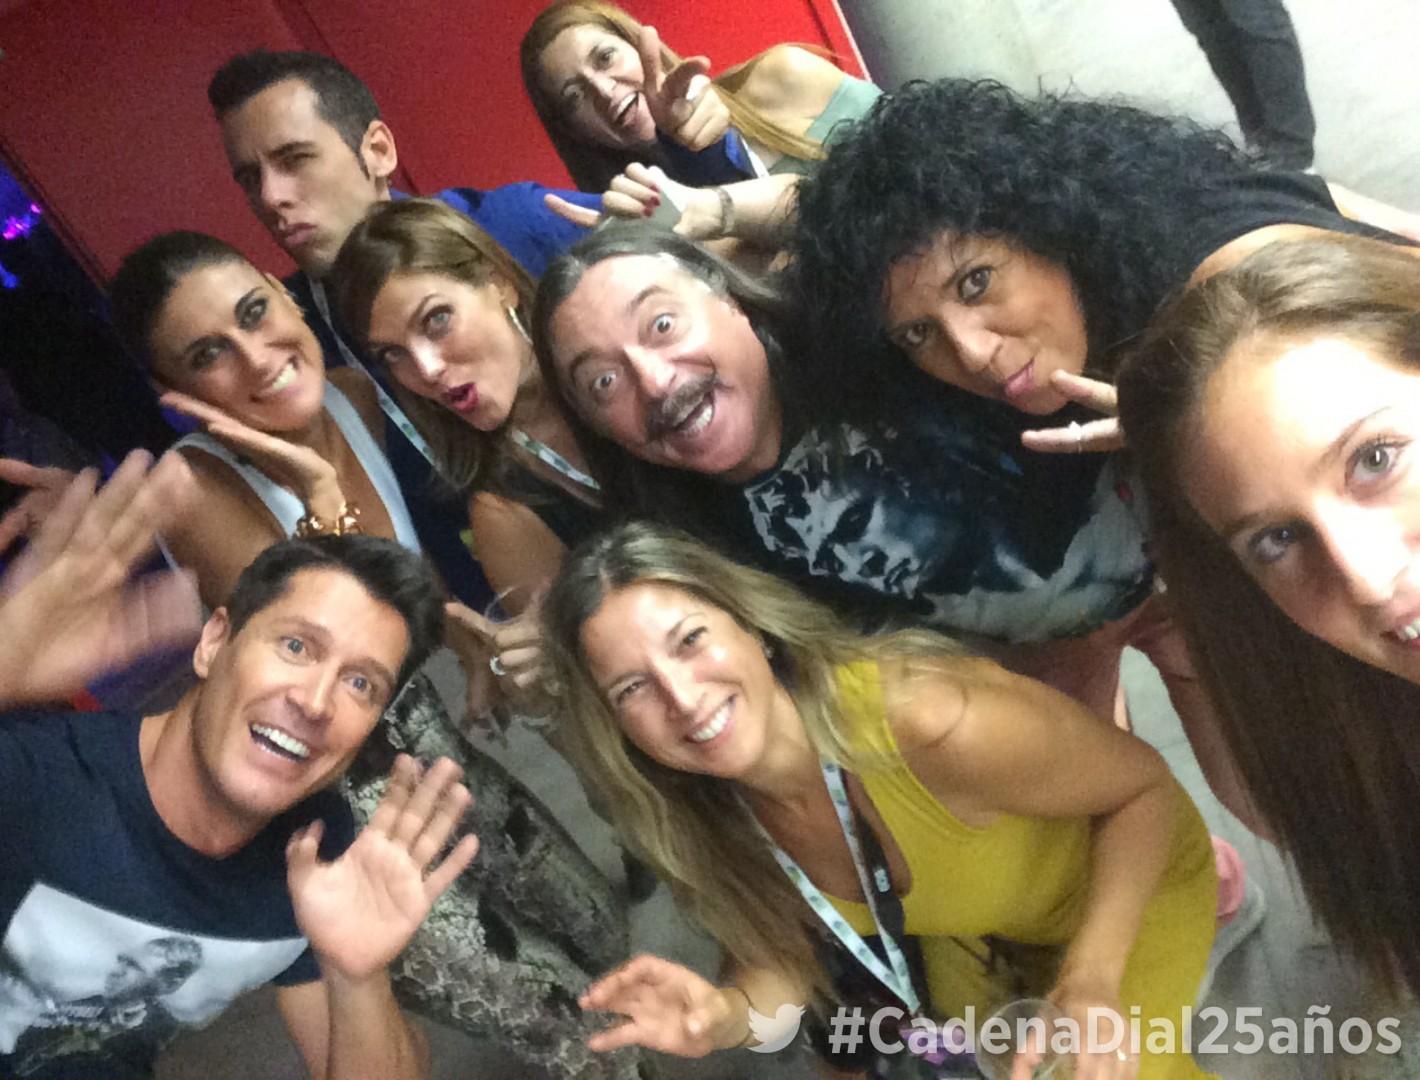 Cantizano, Carmela, Marta, Isidro, Rosana, Iván, y Juani